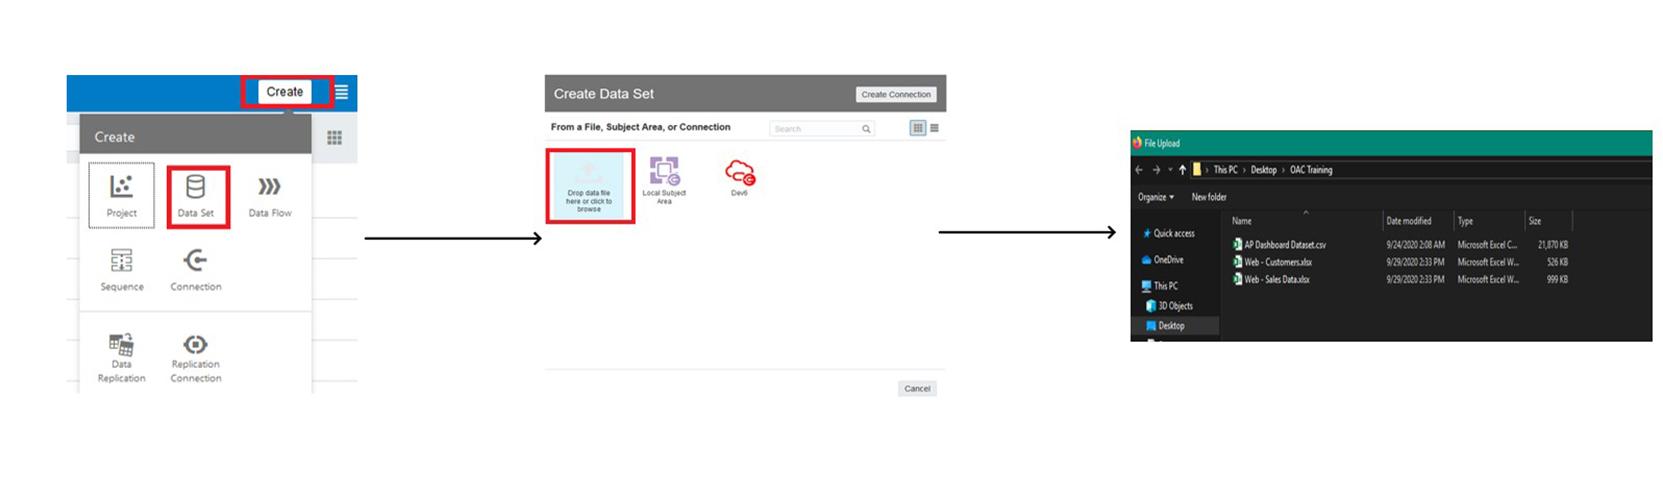 Oracle Cloud Analytics step 1